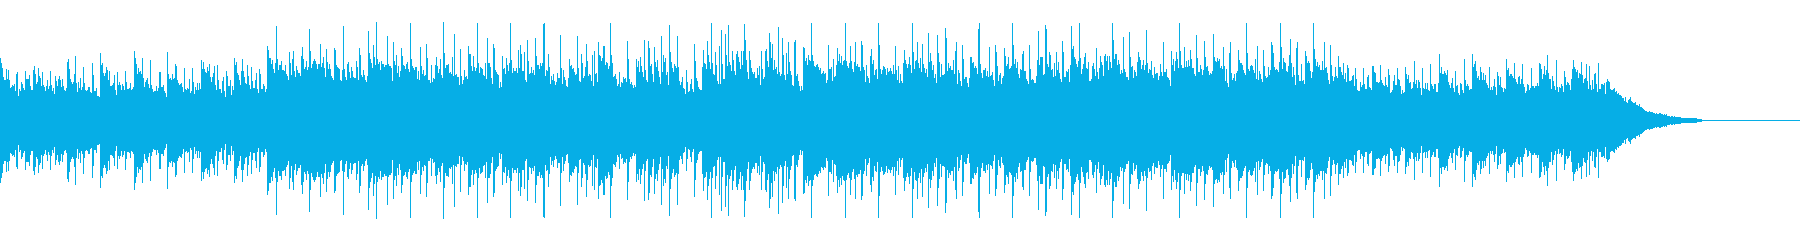 爽やかで透明感のあるアコギポップスの再生済みの波形